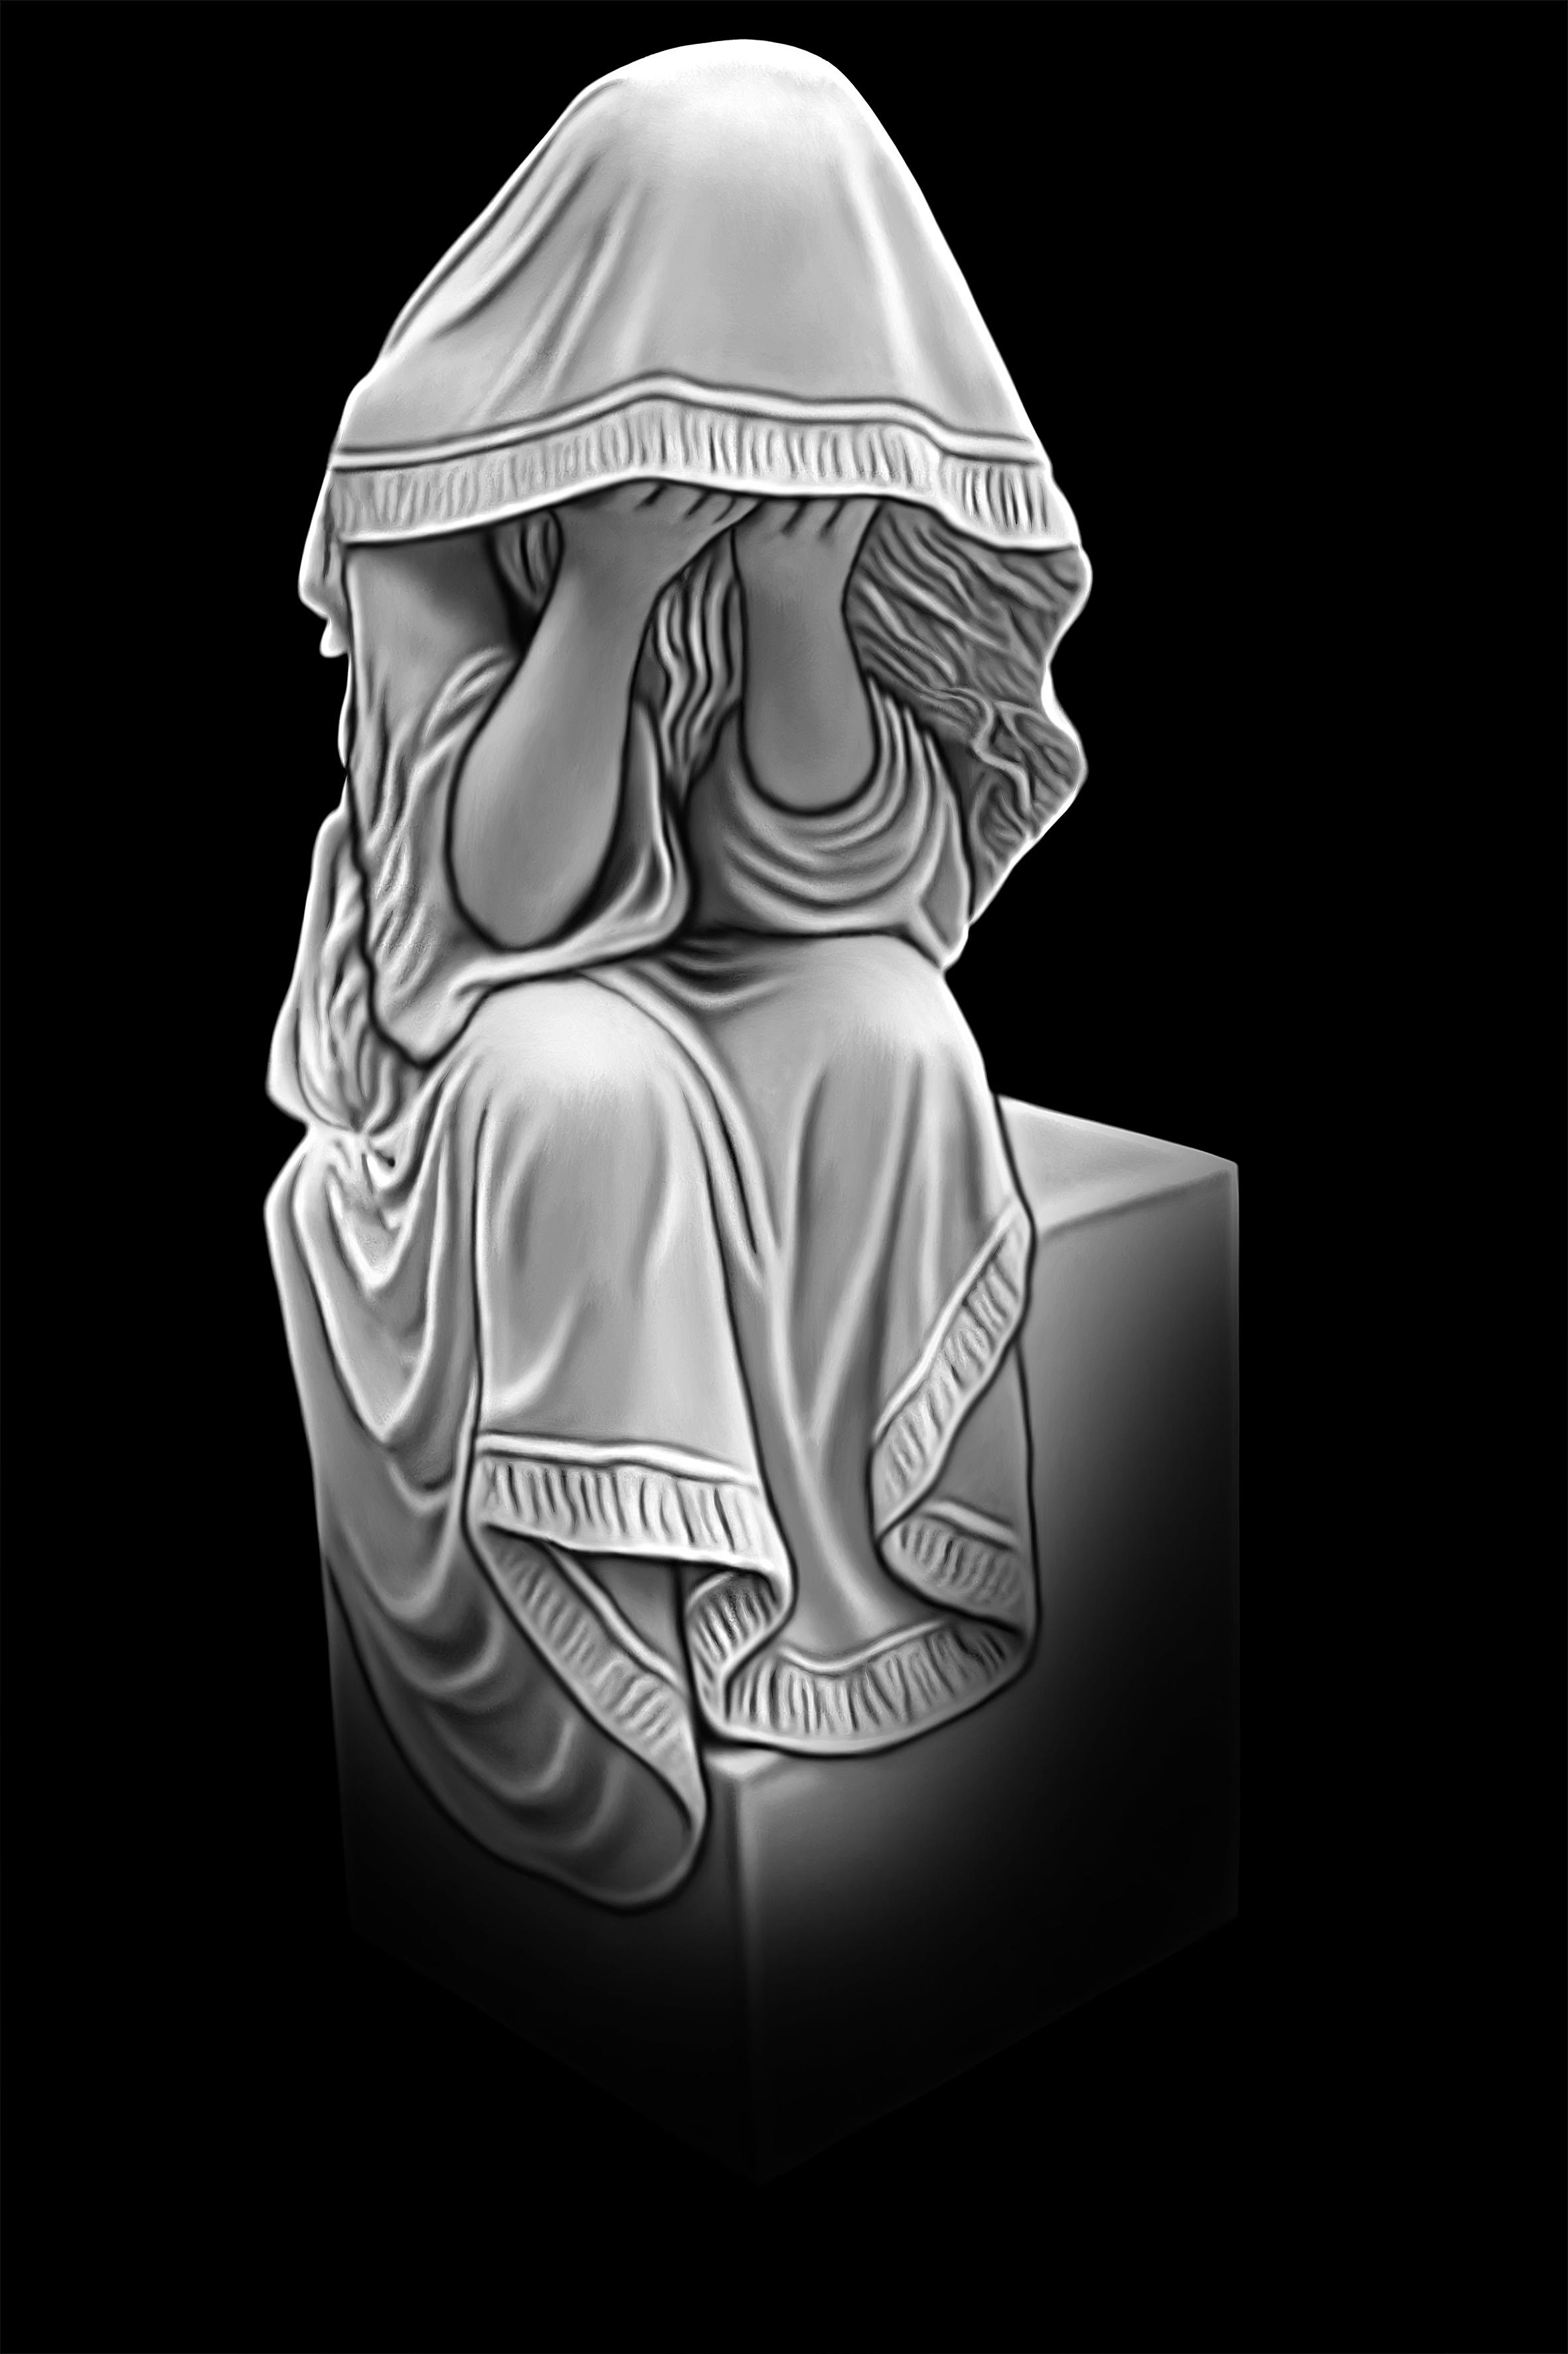 Барахолка архангельск уаз фото дельтовидные